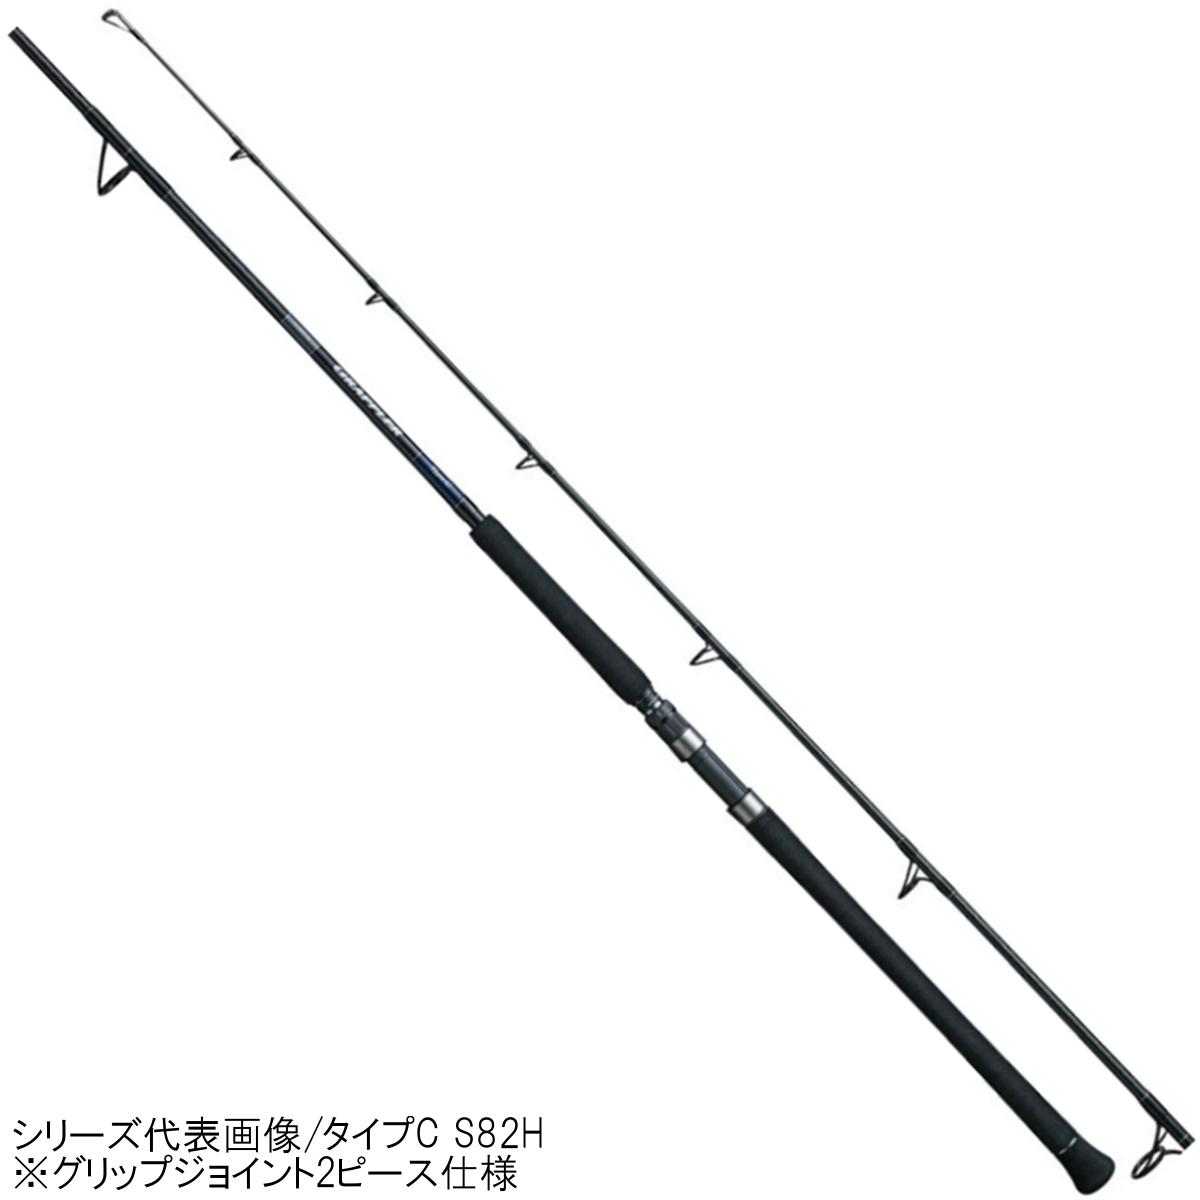 グラップラー 【8月30日エントリーで最大P36倍!】シマノ S80M【大型商品】 タイプC